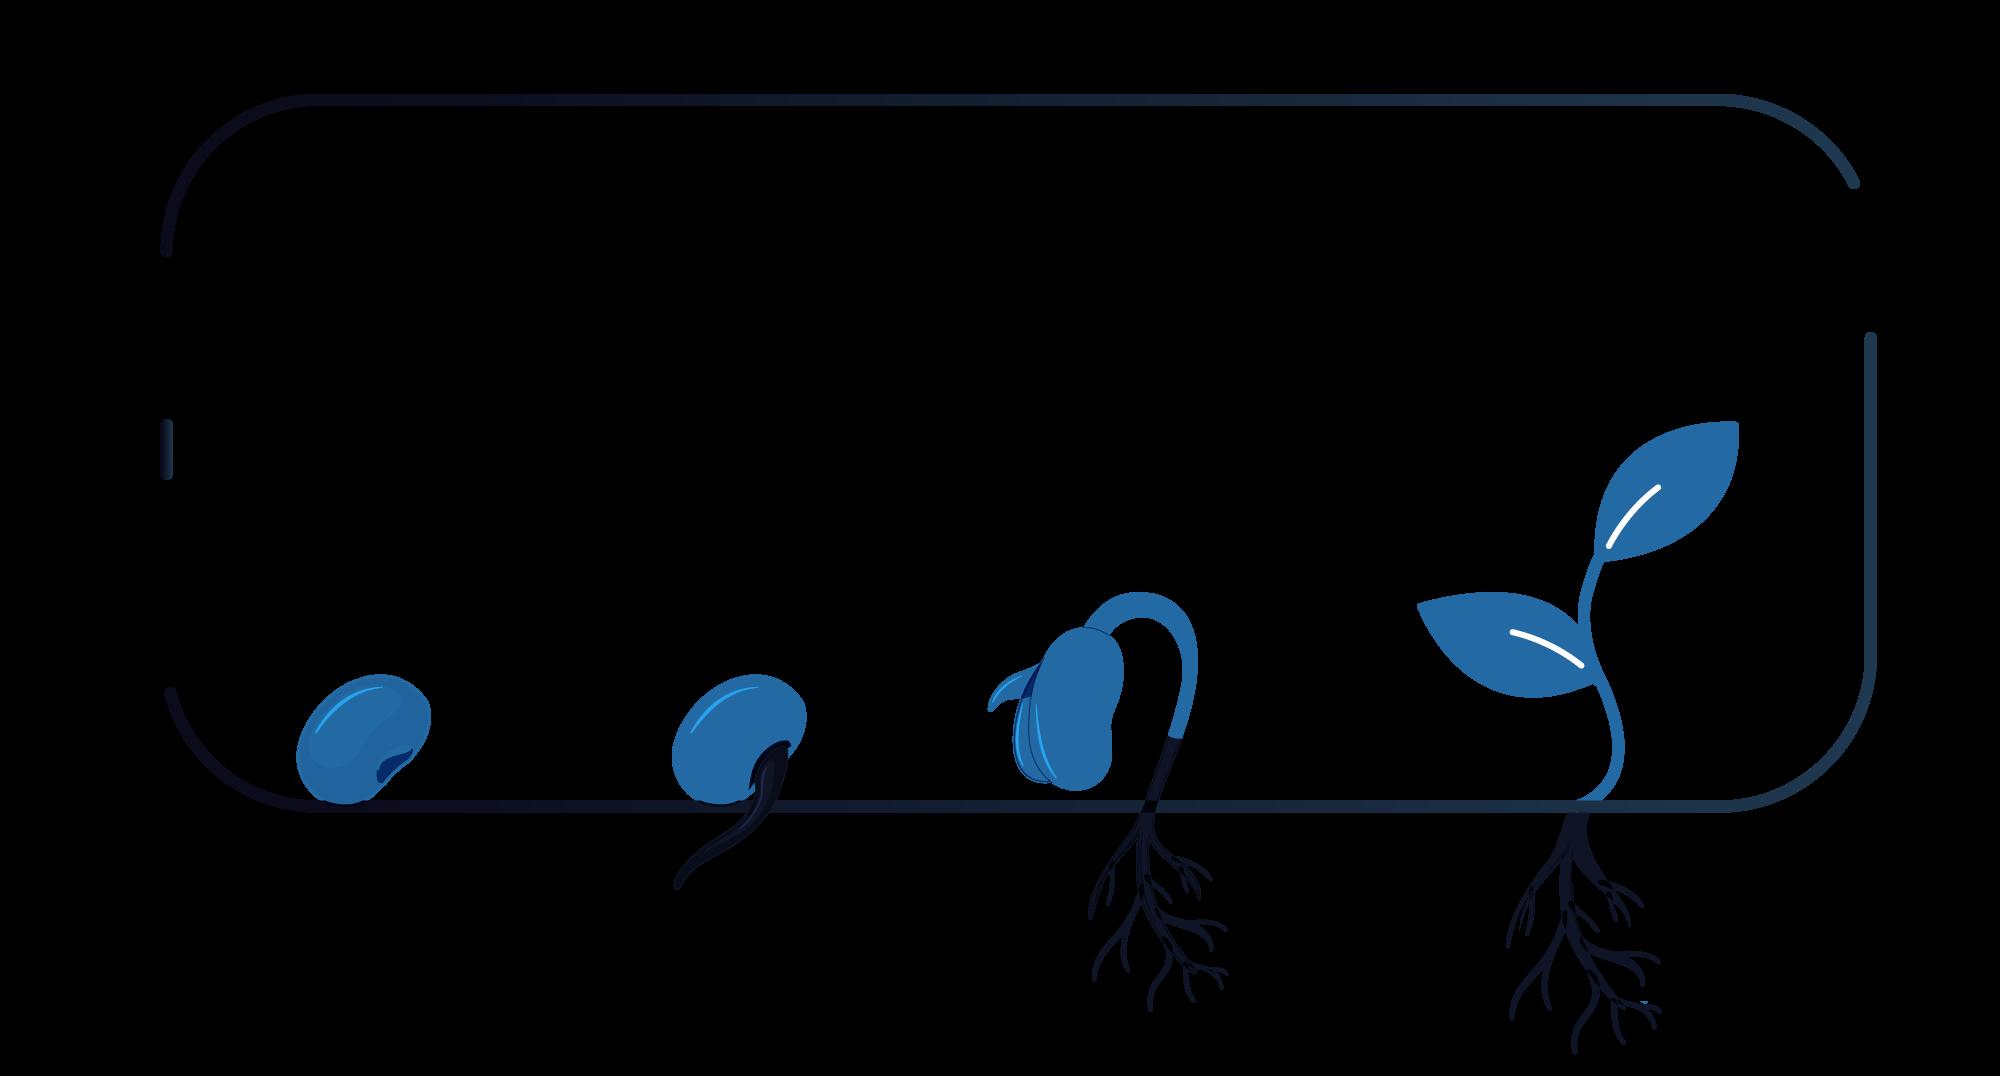 kemal-basaranoglu-logo-01